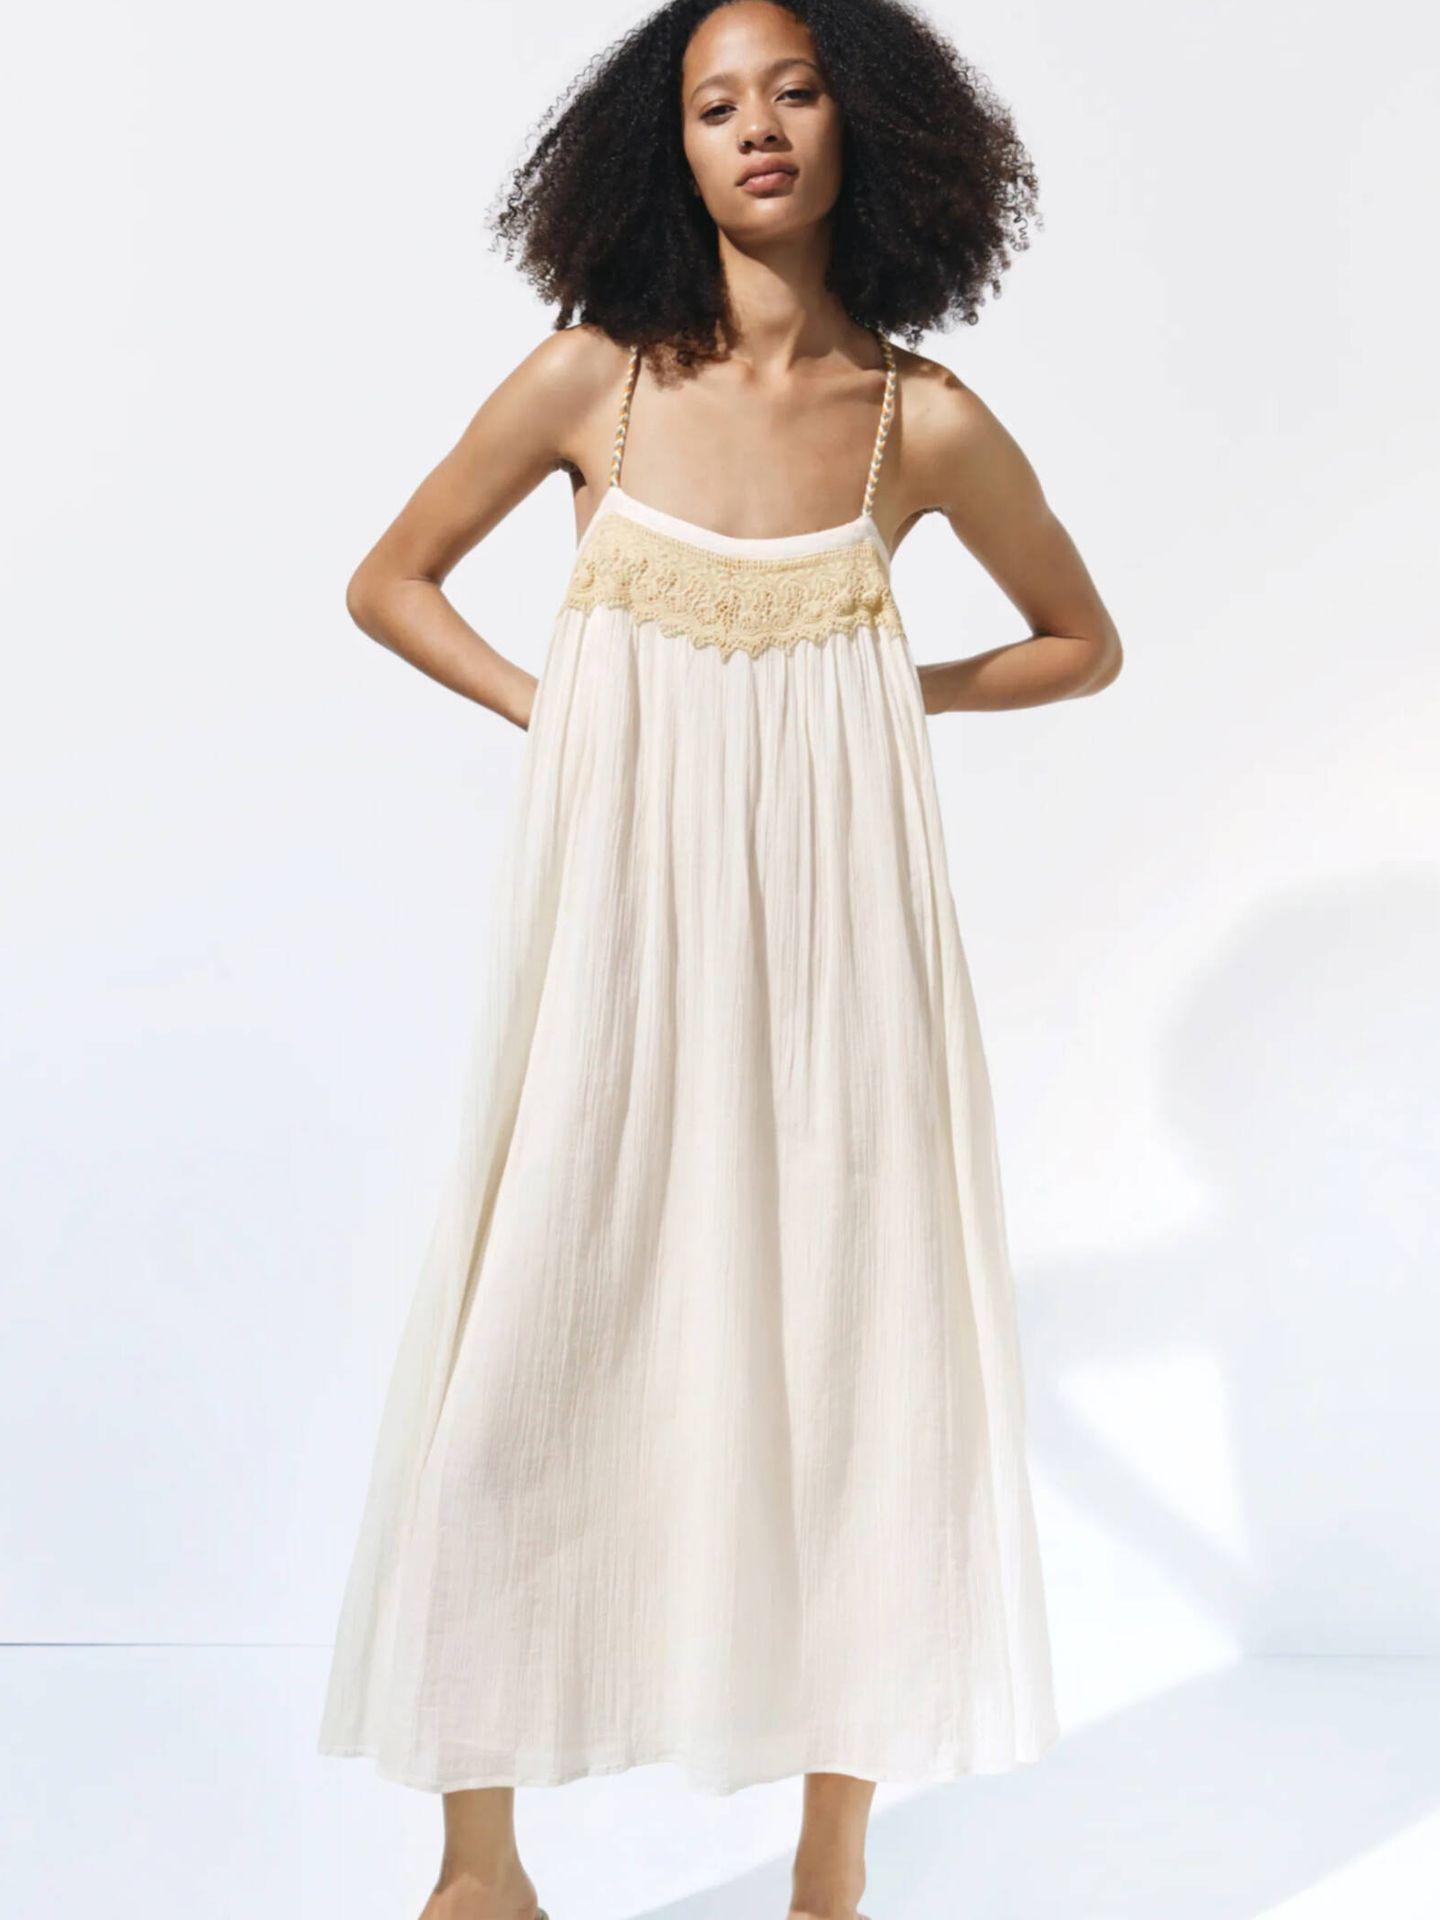 Vestidos de Zara para novias bohemias. (Cortesía)